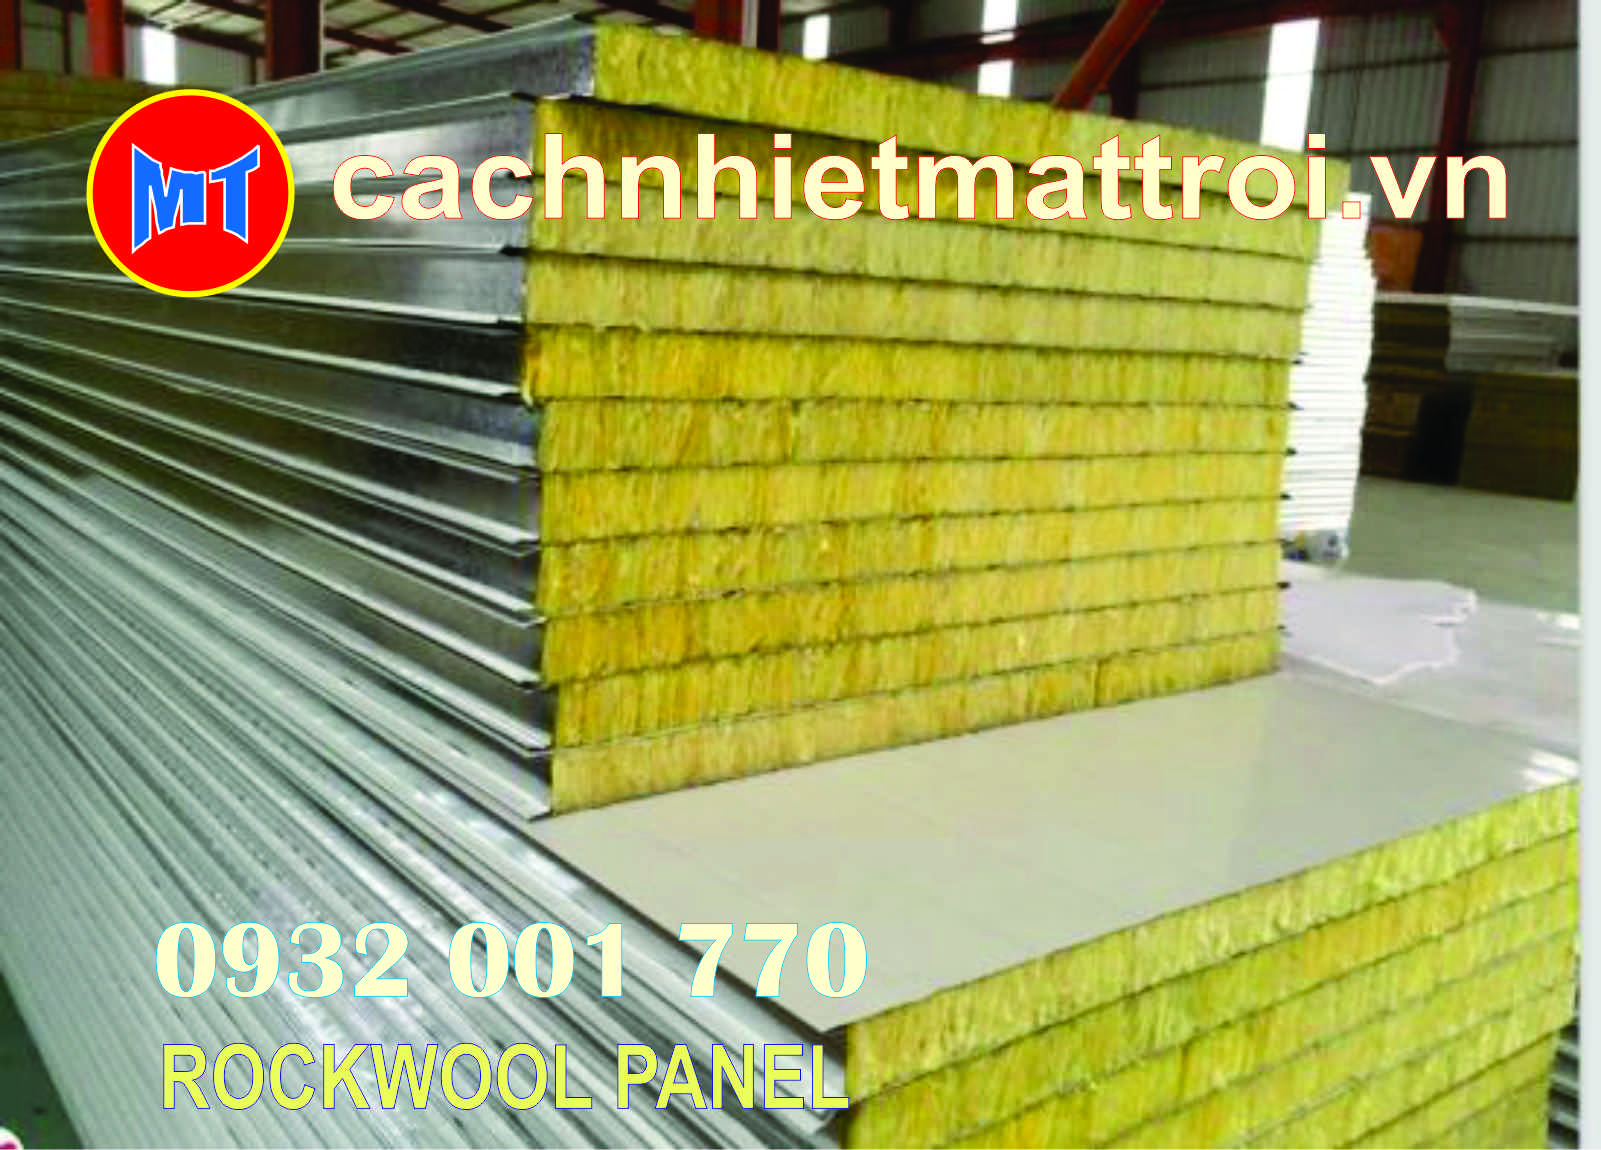 hình ảnh sản phẩm Tấm cách nhiệt Panel 2 mặt tôn lõi bông Rockwool chống cháy